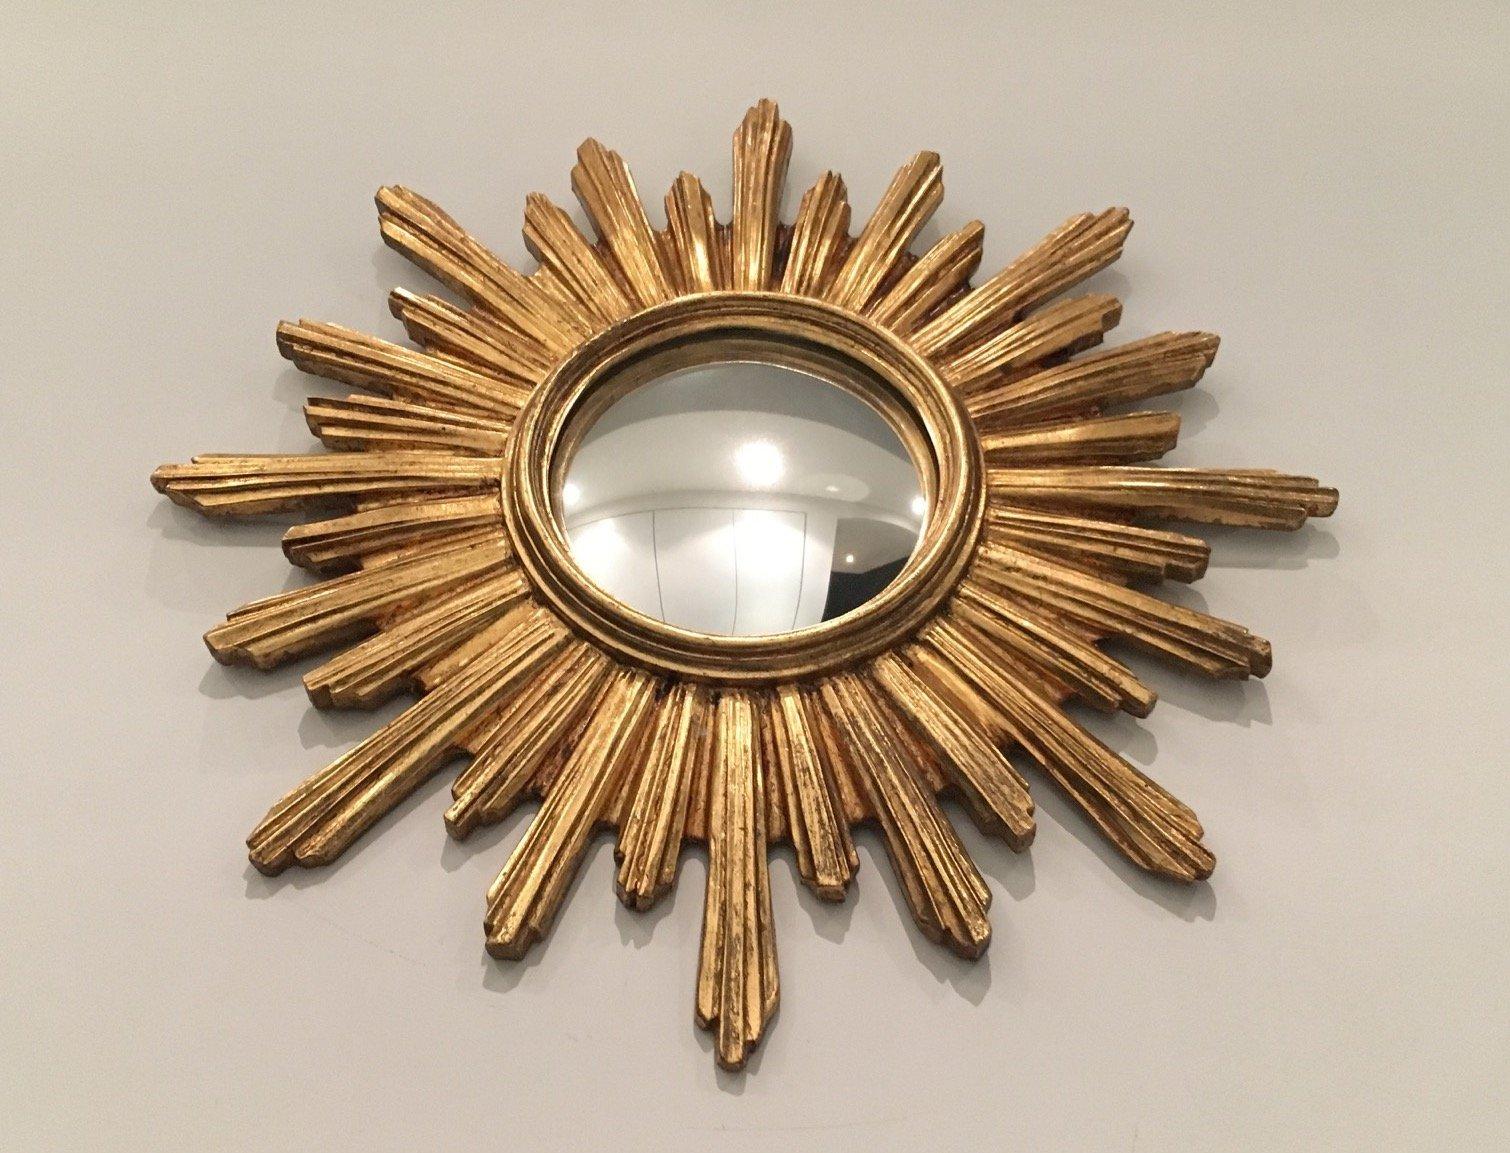 Miroir soleil vintage en r sine en vente sur pamono for Miroir soleil prix